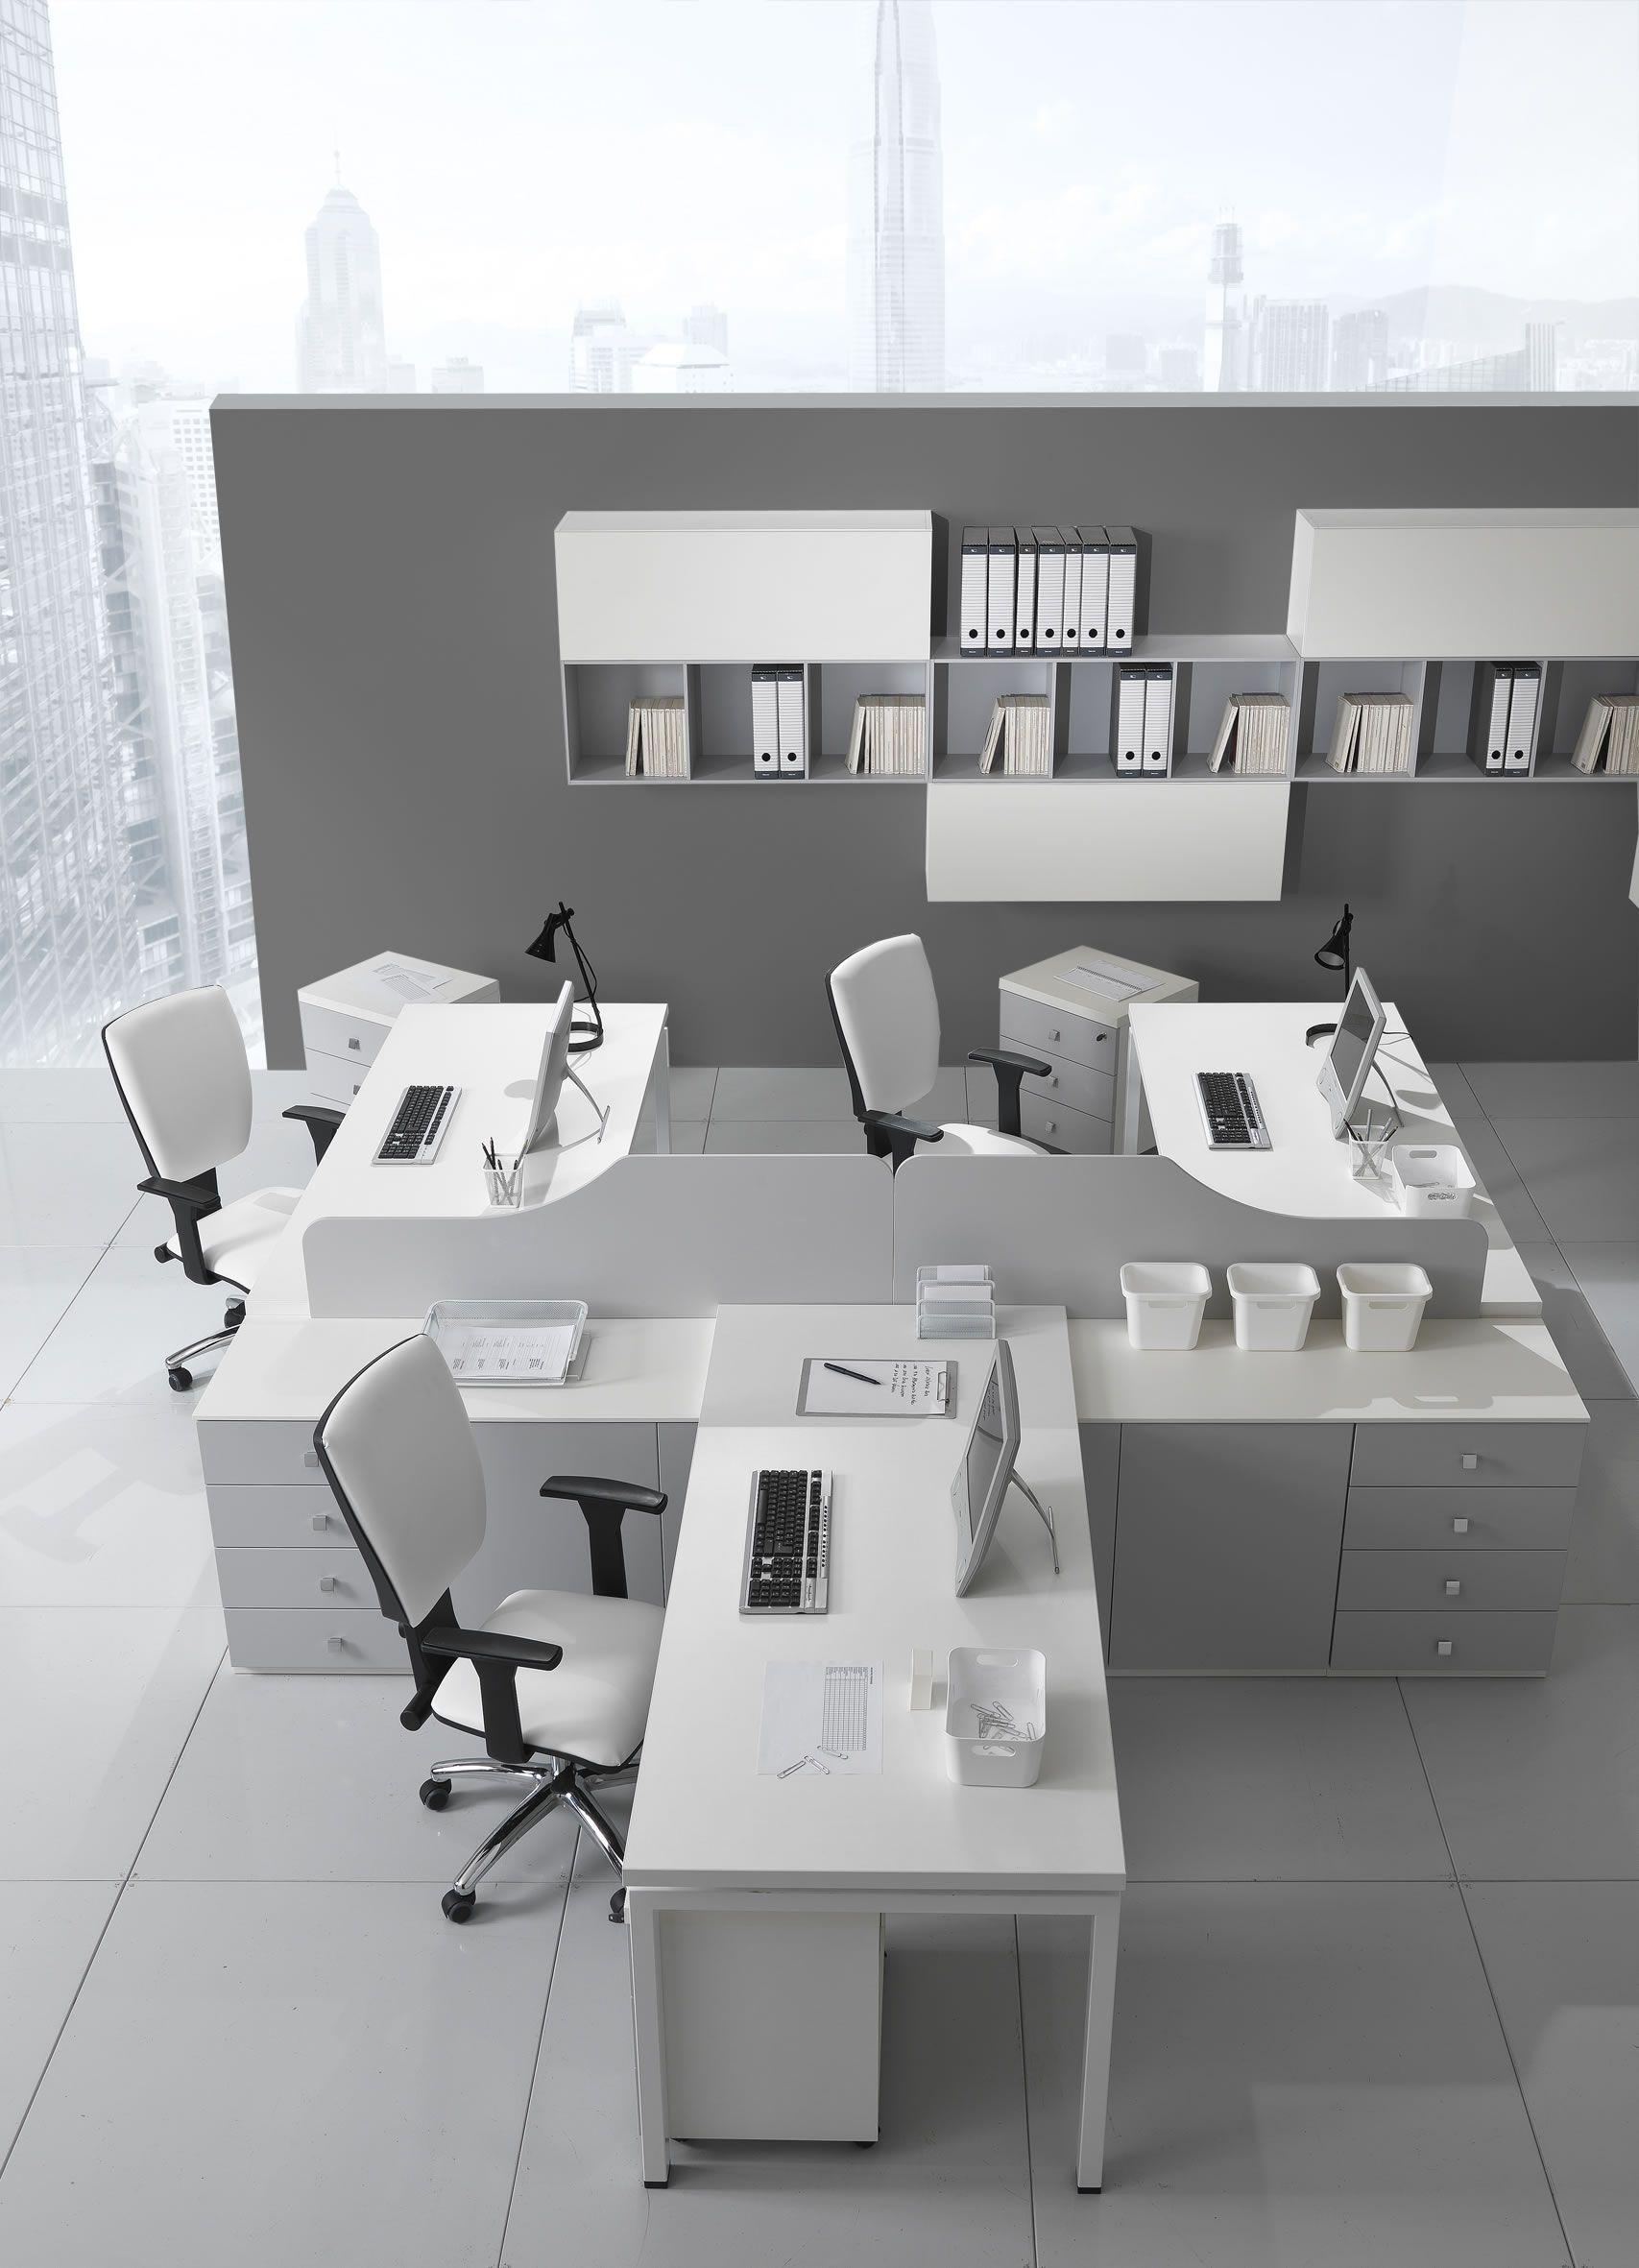 Officetime The Perfect Solution To Organize Your Work Www Giessegi It It Arredo Ufficio Mo Arredamento Ufficio Aziendale Ufficio Arredamento Idee Per Interni